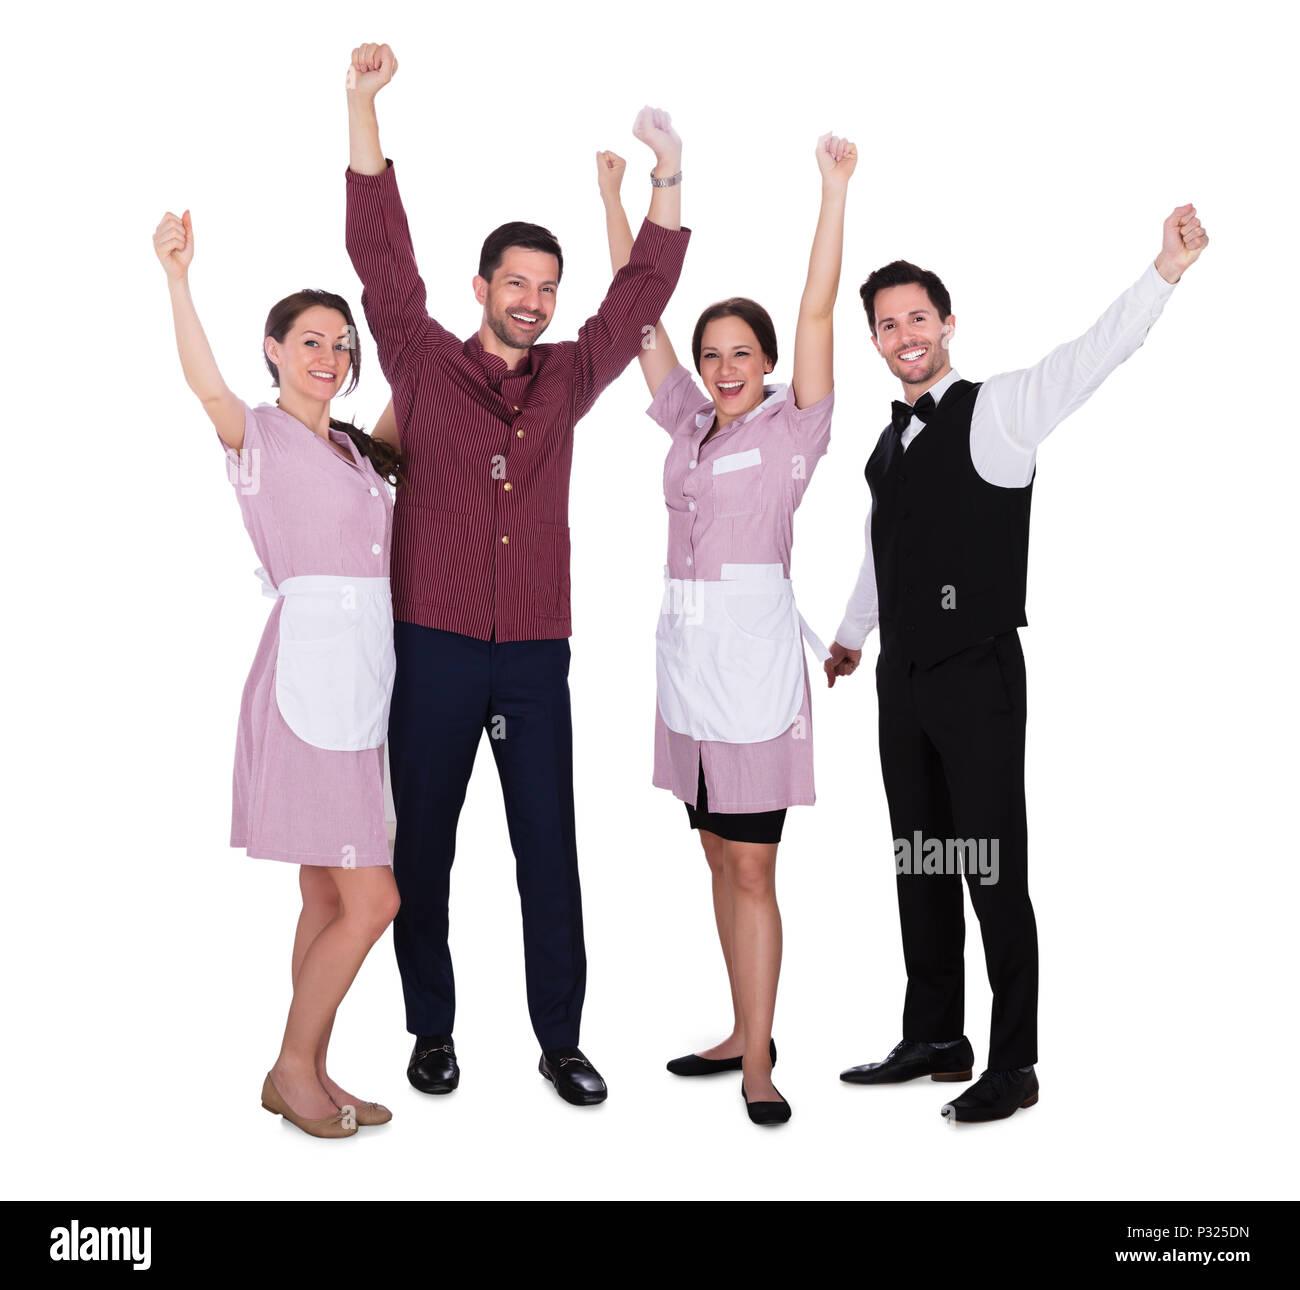 Happy Staff giovane alzando le braccia su sfondo bianco Immagini Stock